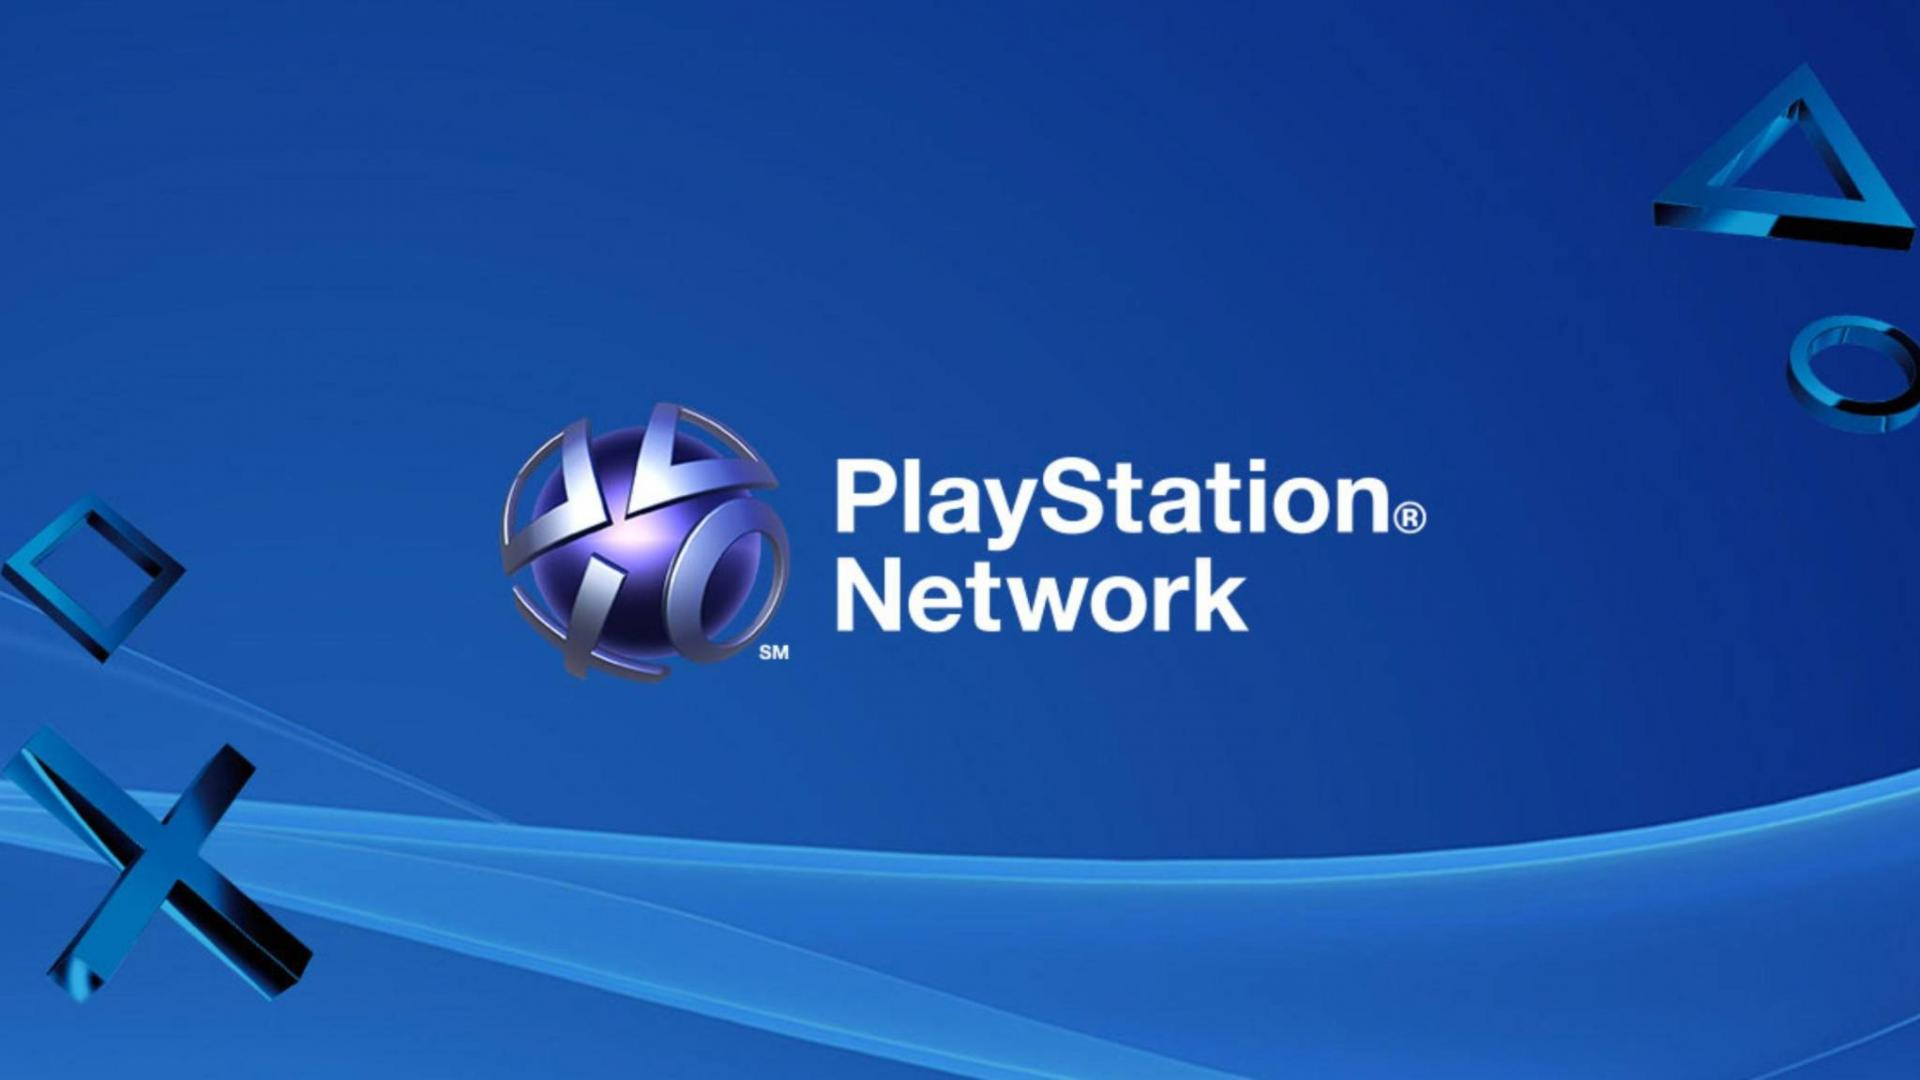 PlayStation confirma que pronto podremos cambiar nuestro ID online de PSN